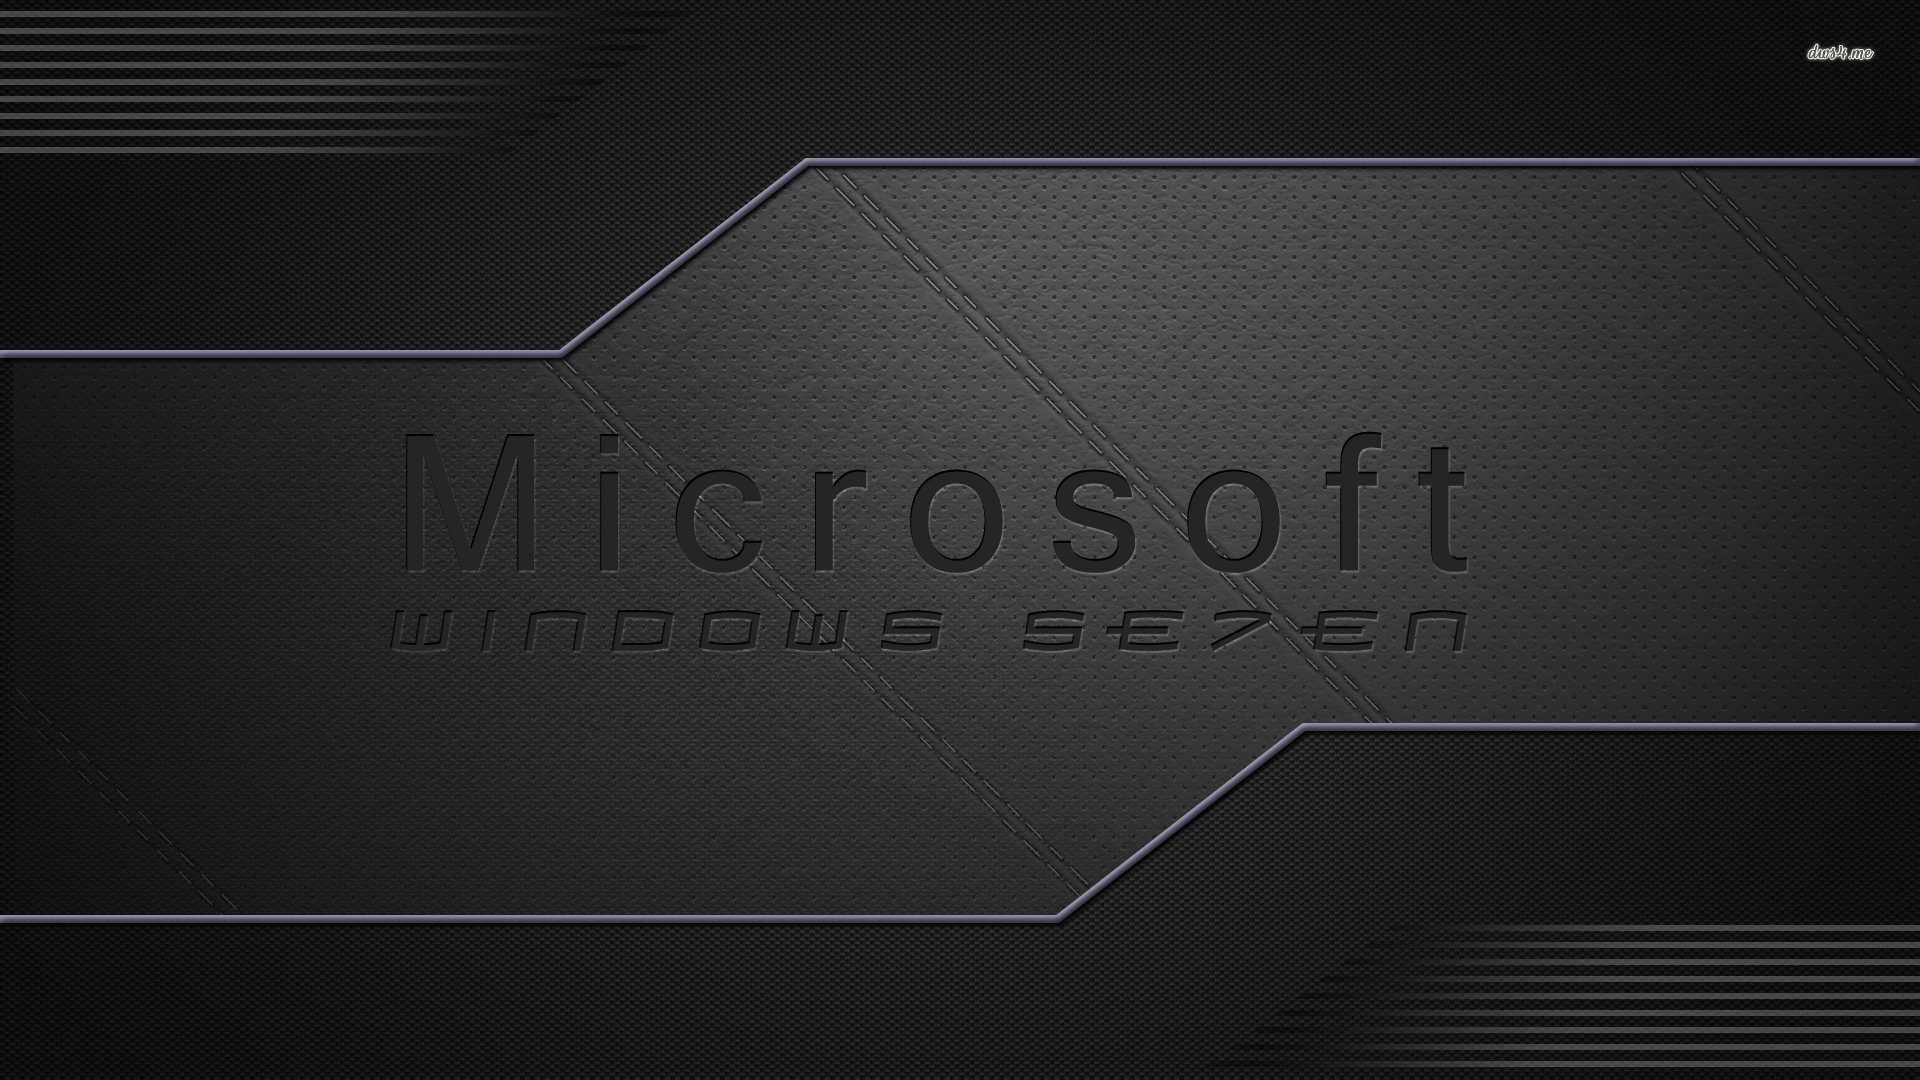 Microsoft 1920x1080 HD Wallpapers - WallpaperSafari